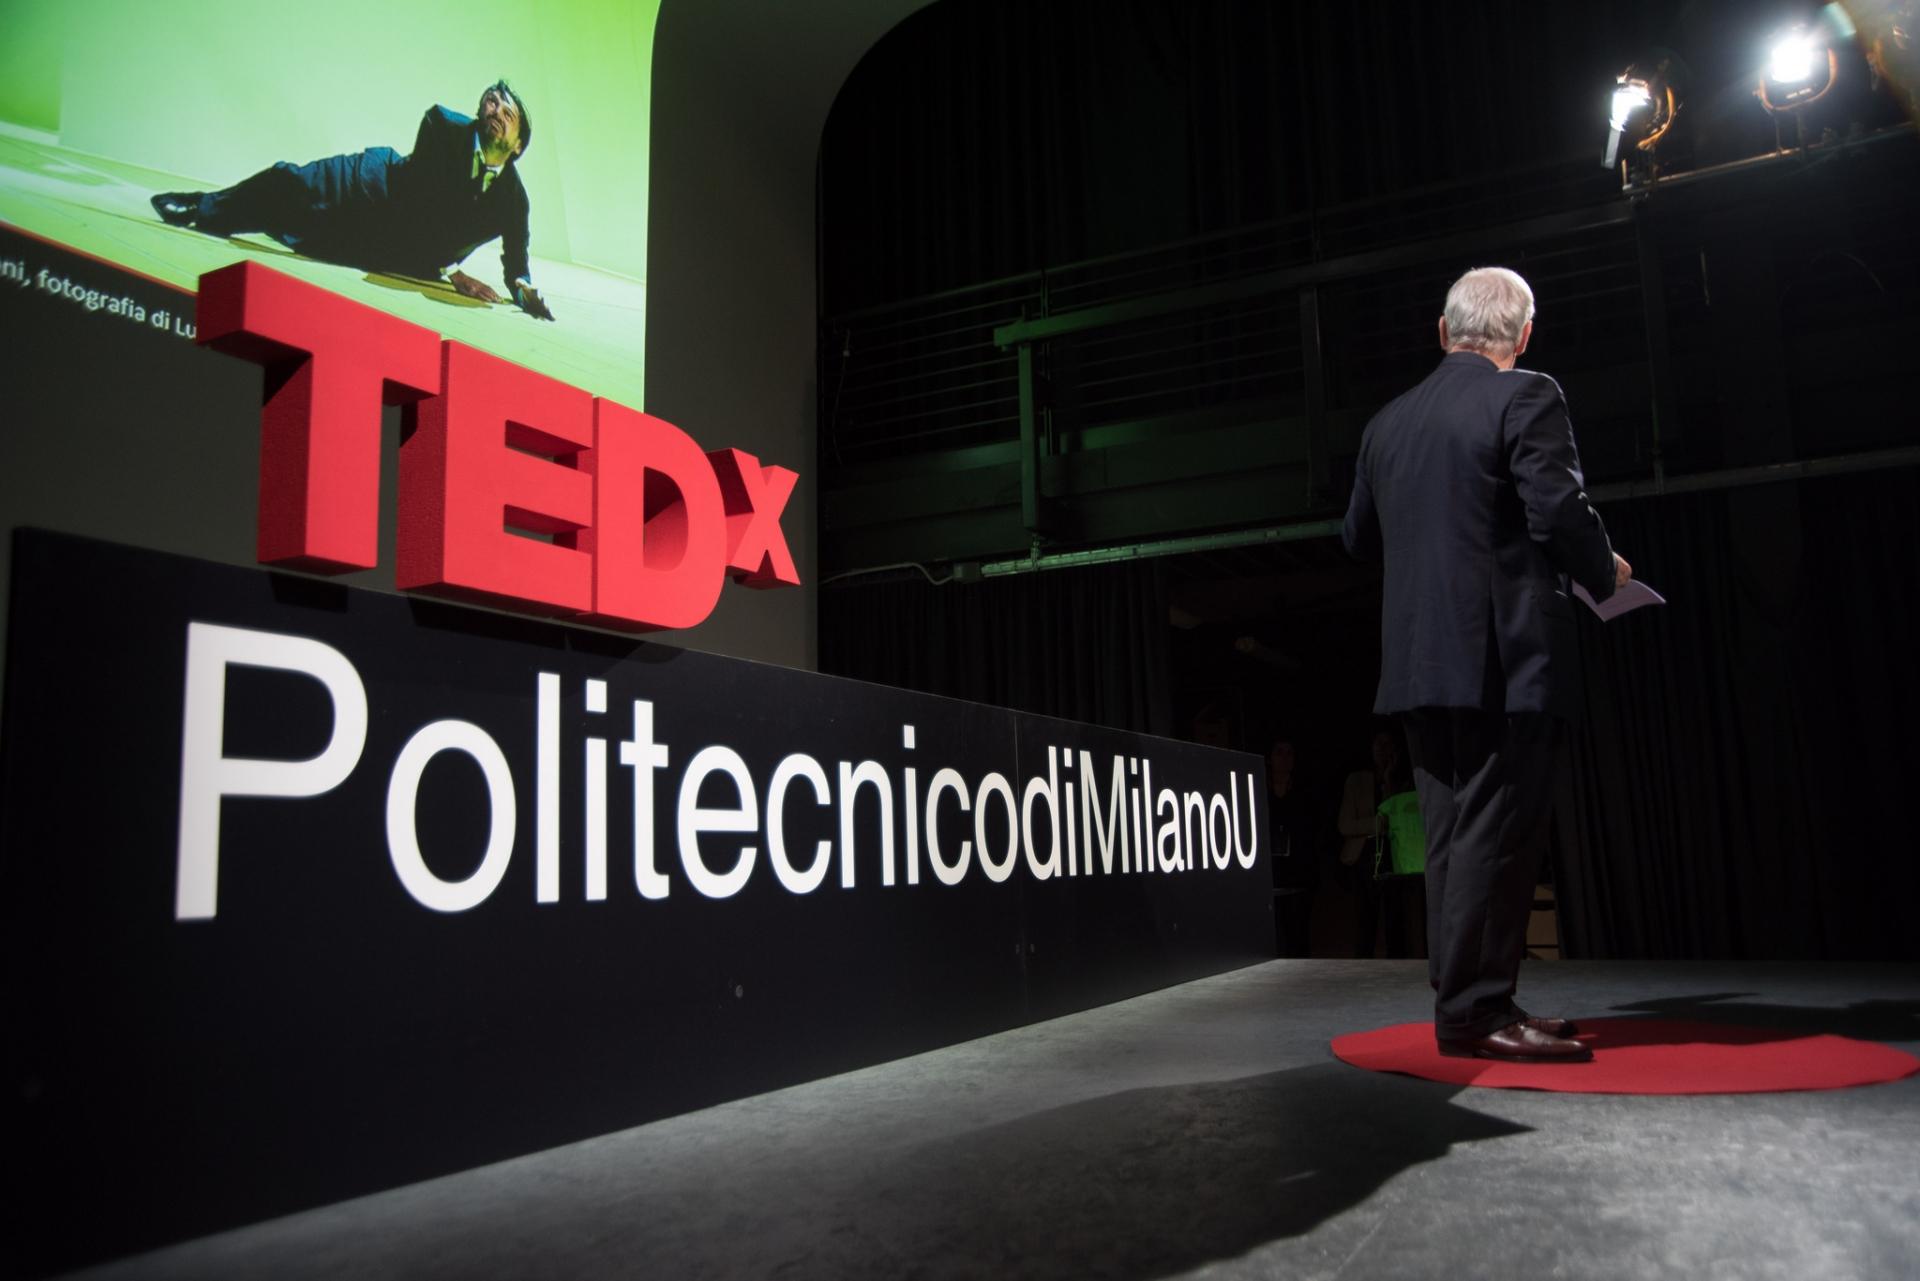 TEDx Politecnico di Milano